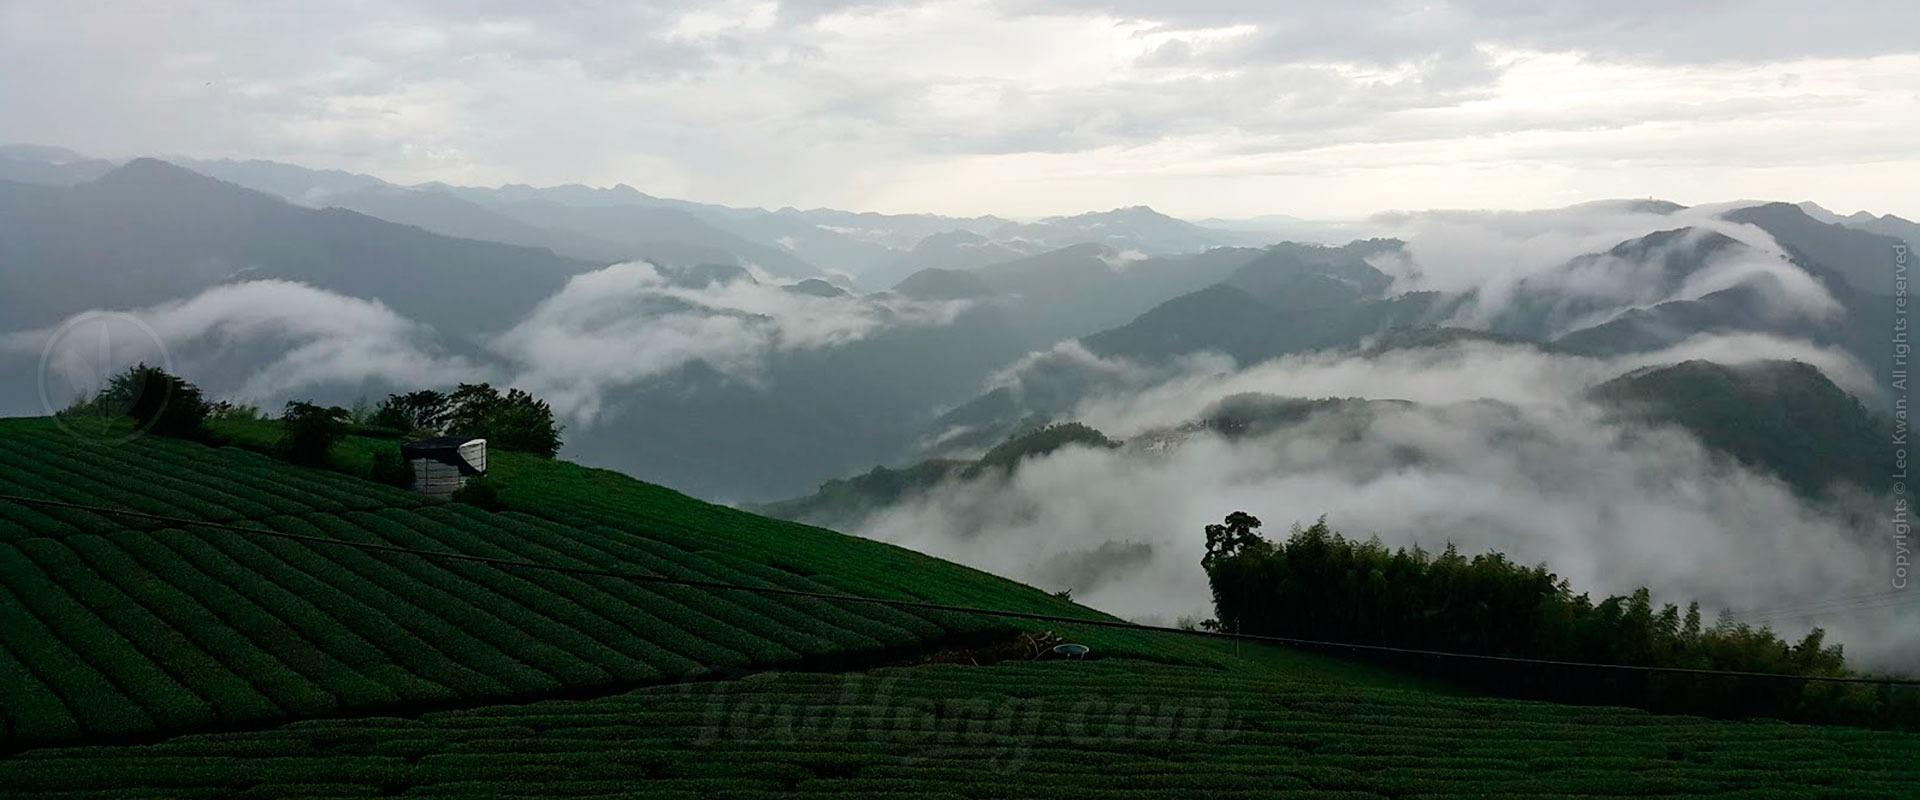 Tea garden in Alishan, Taiwan